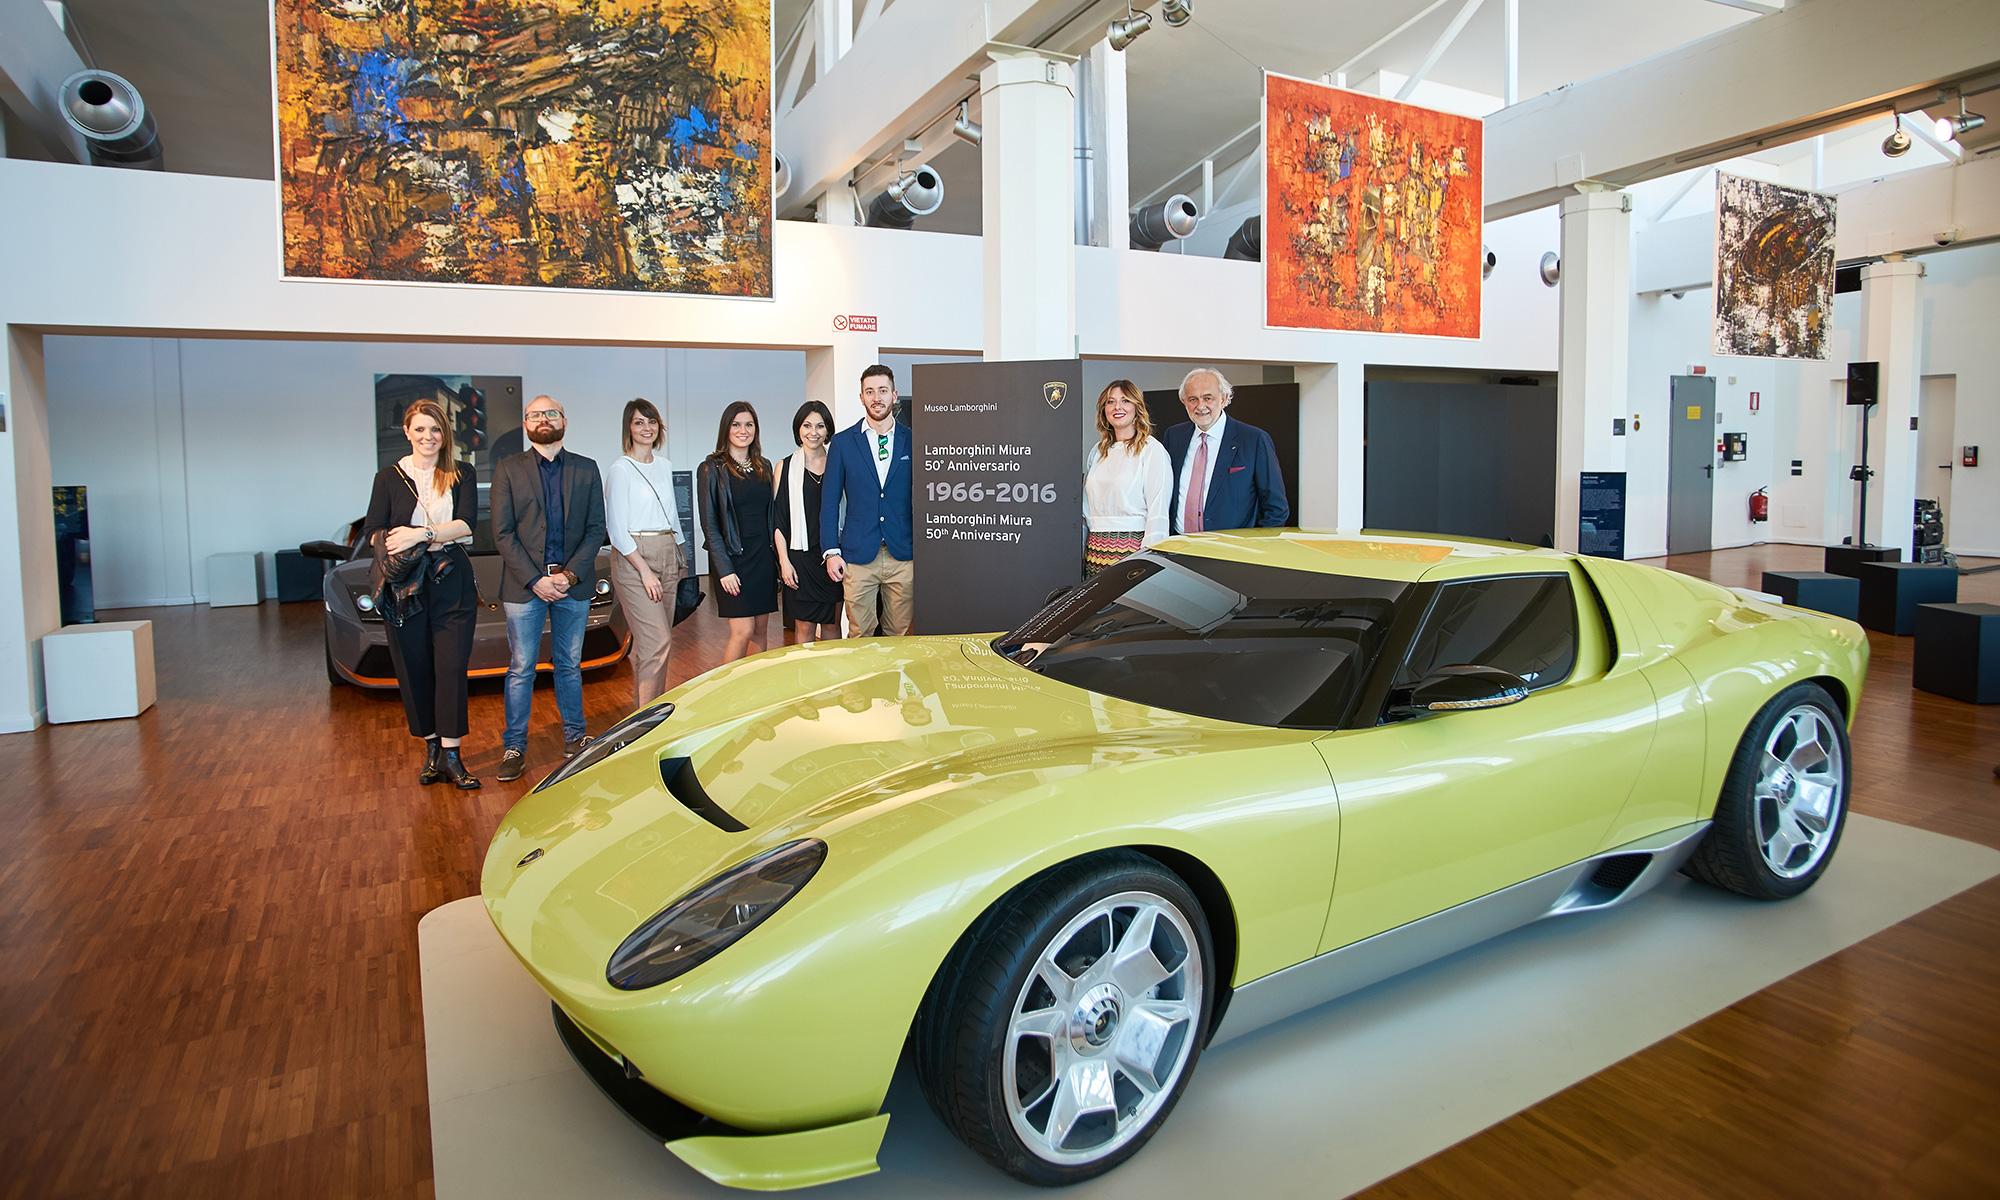 Architetto Marta Binini, Binini Partners, Società di architettura e ingegneria, Reggio Emilia, Italia